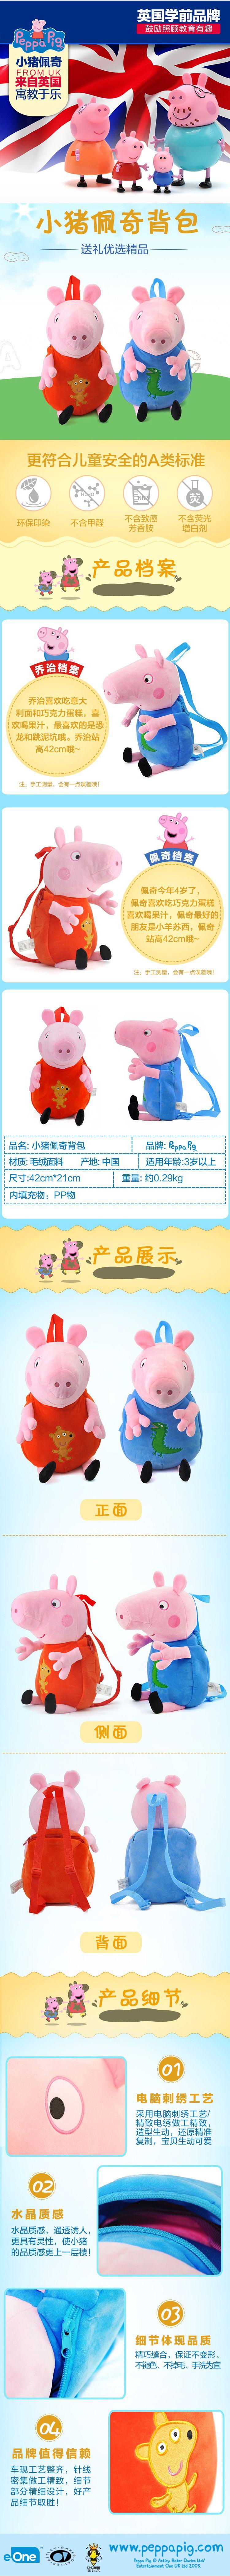 小猪佩奇正版毛绒公仔背包 儿童包包 佩奇